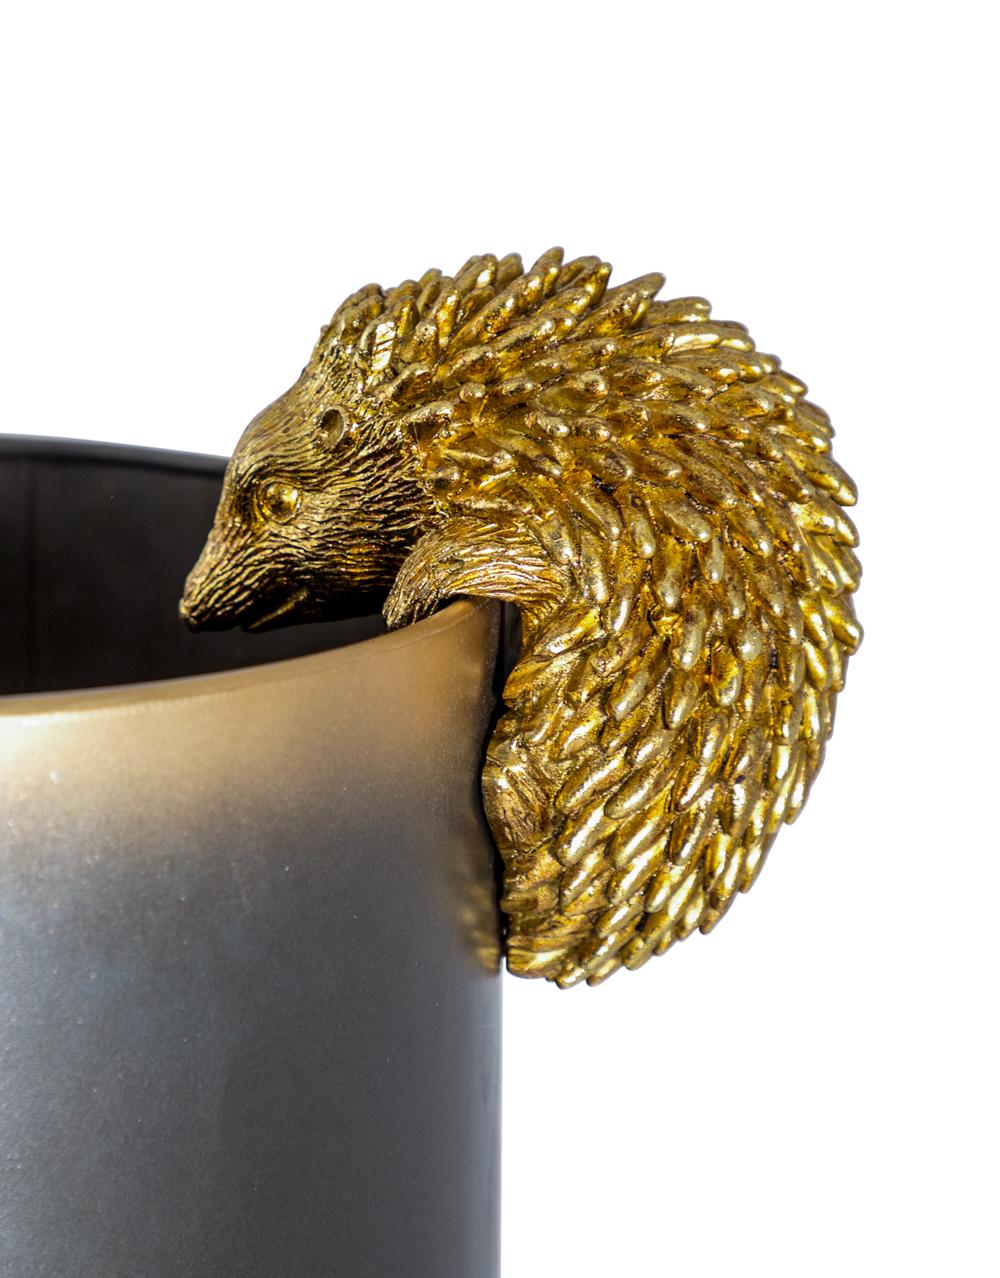 Gold Hanging Hedgehog